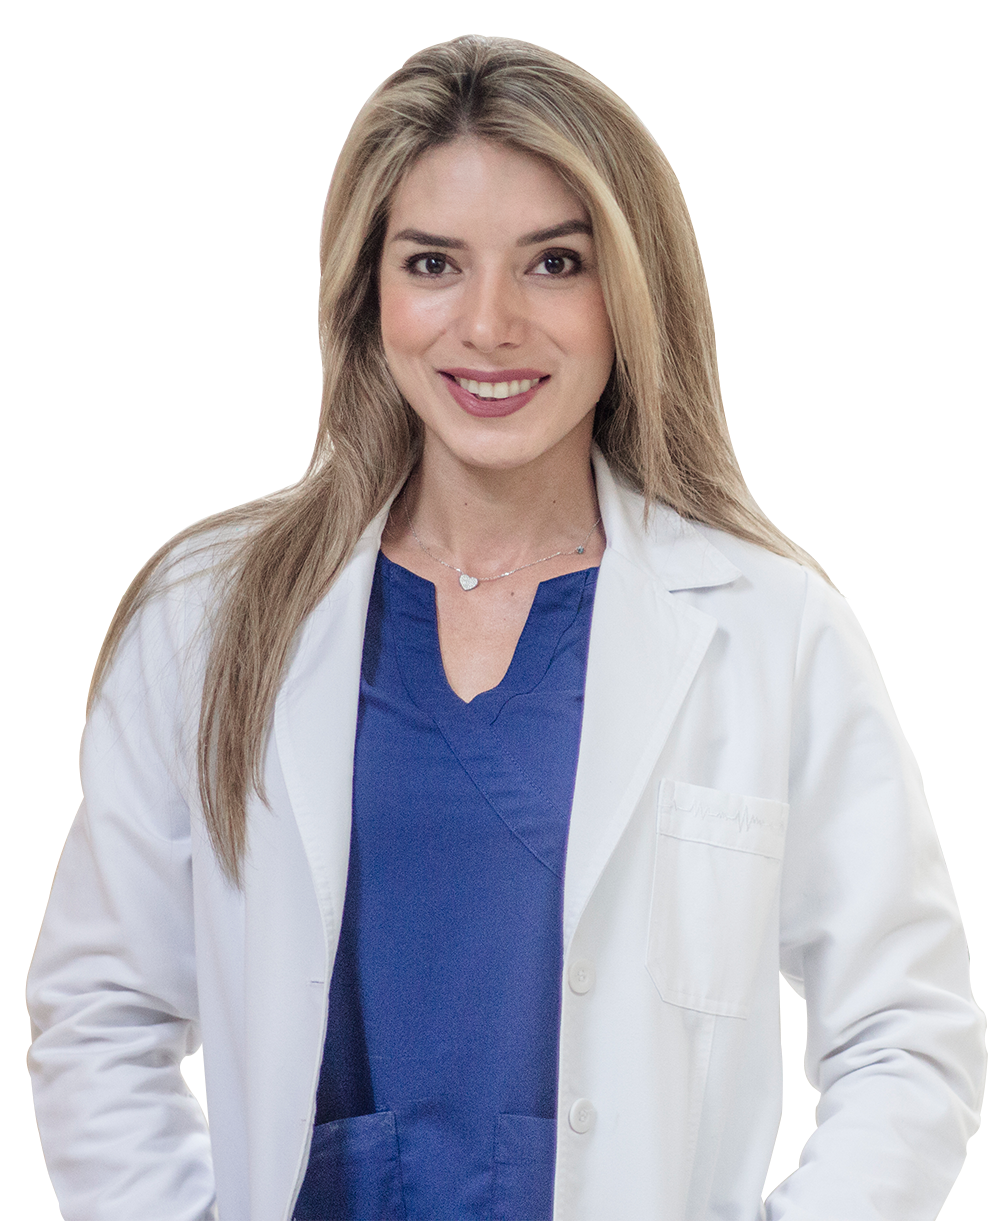 dr-paraiso